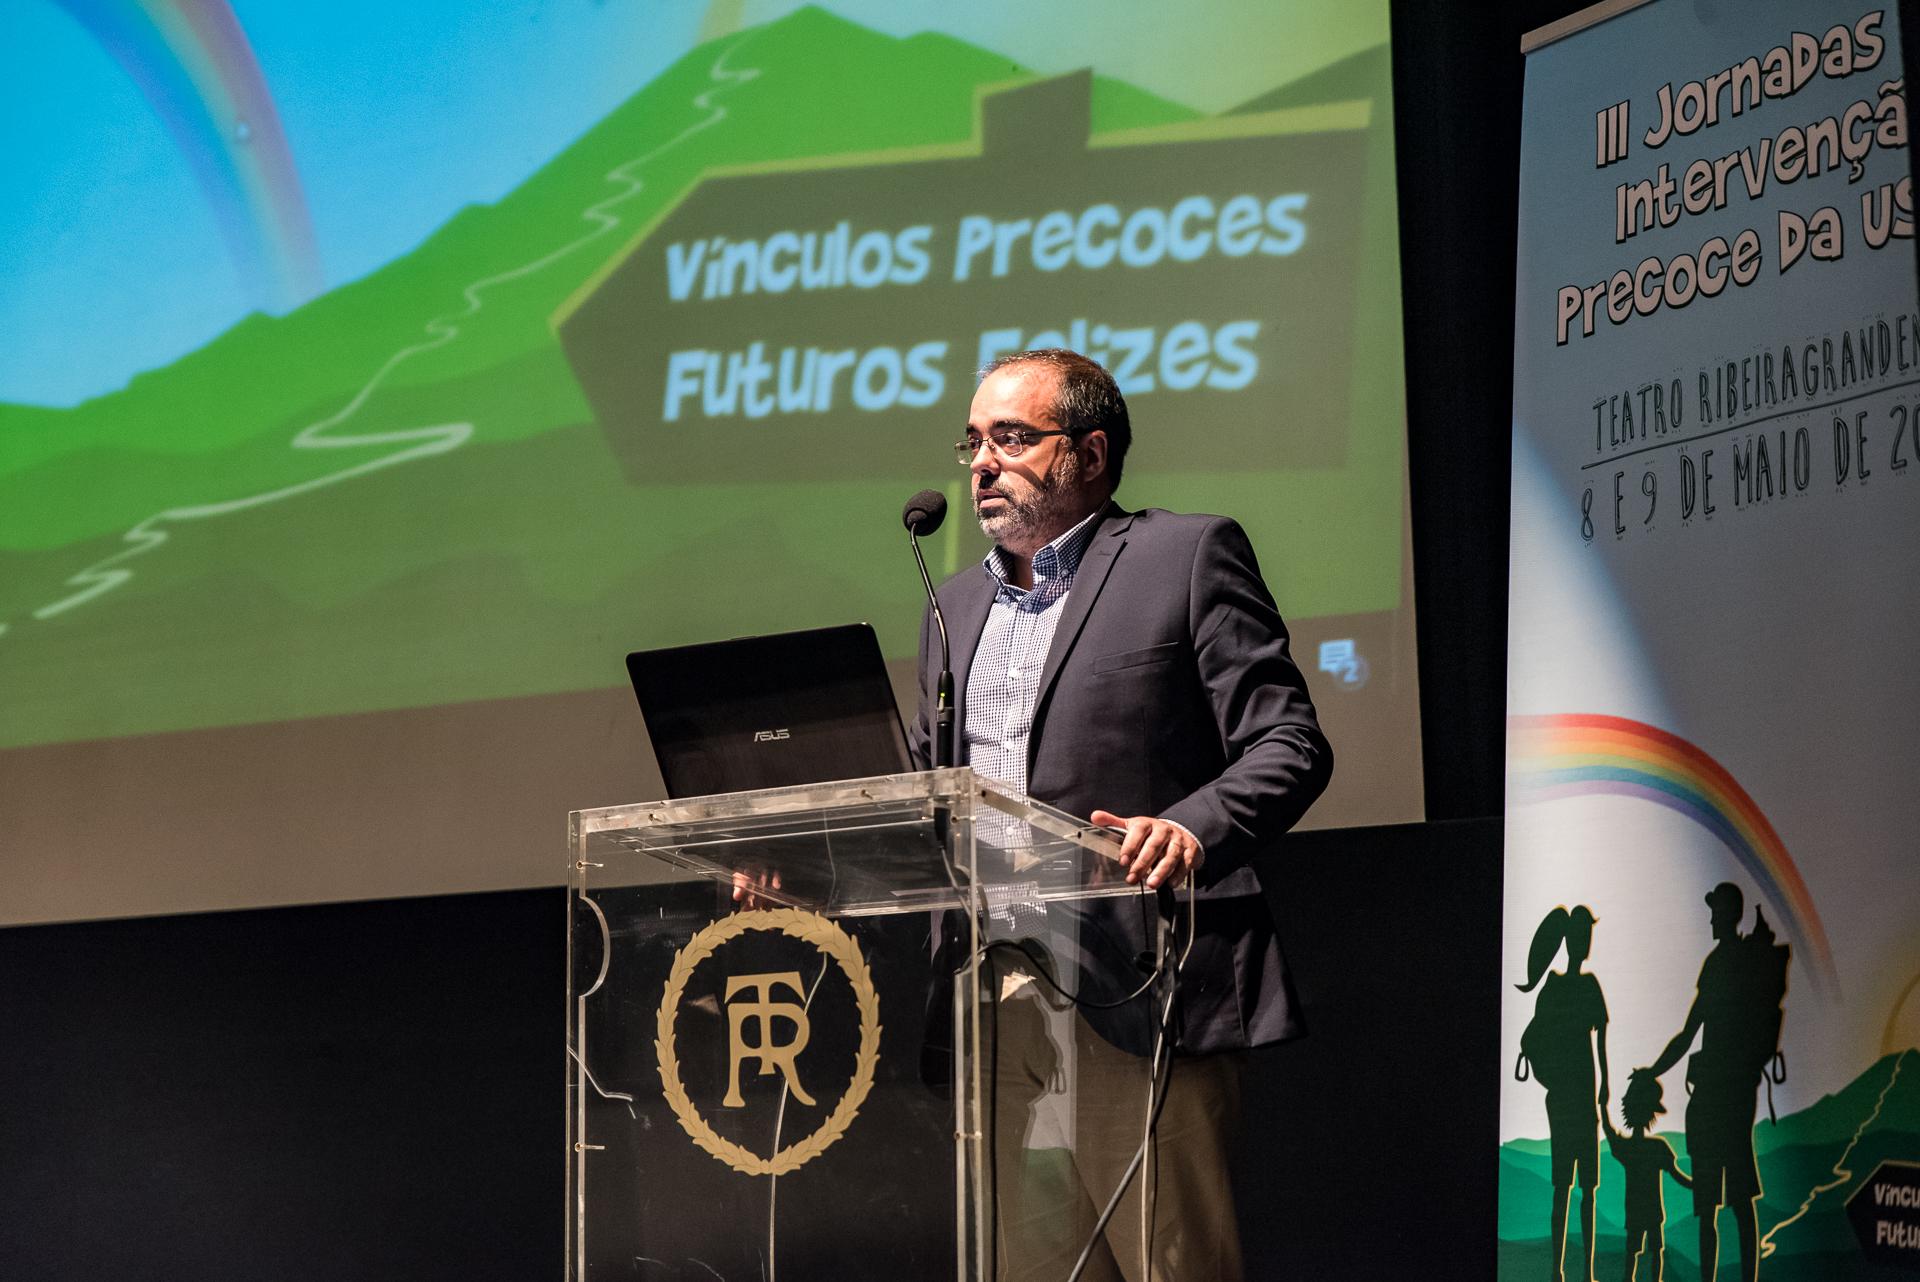 Rui Luís destaca trabalho multidisciplinar das equipas do Programa Regional de Intervenção Precoce